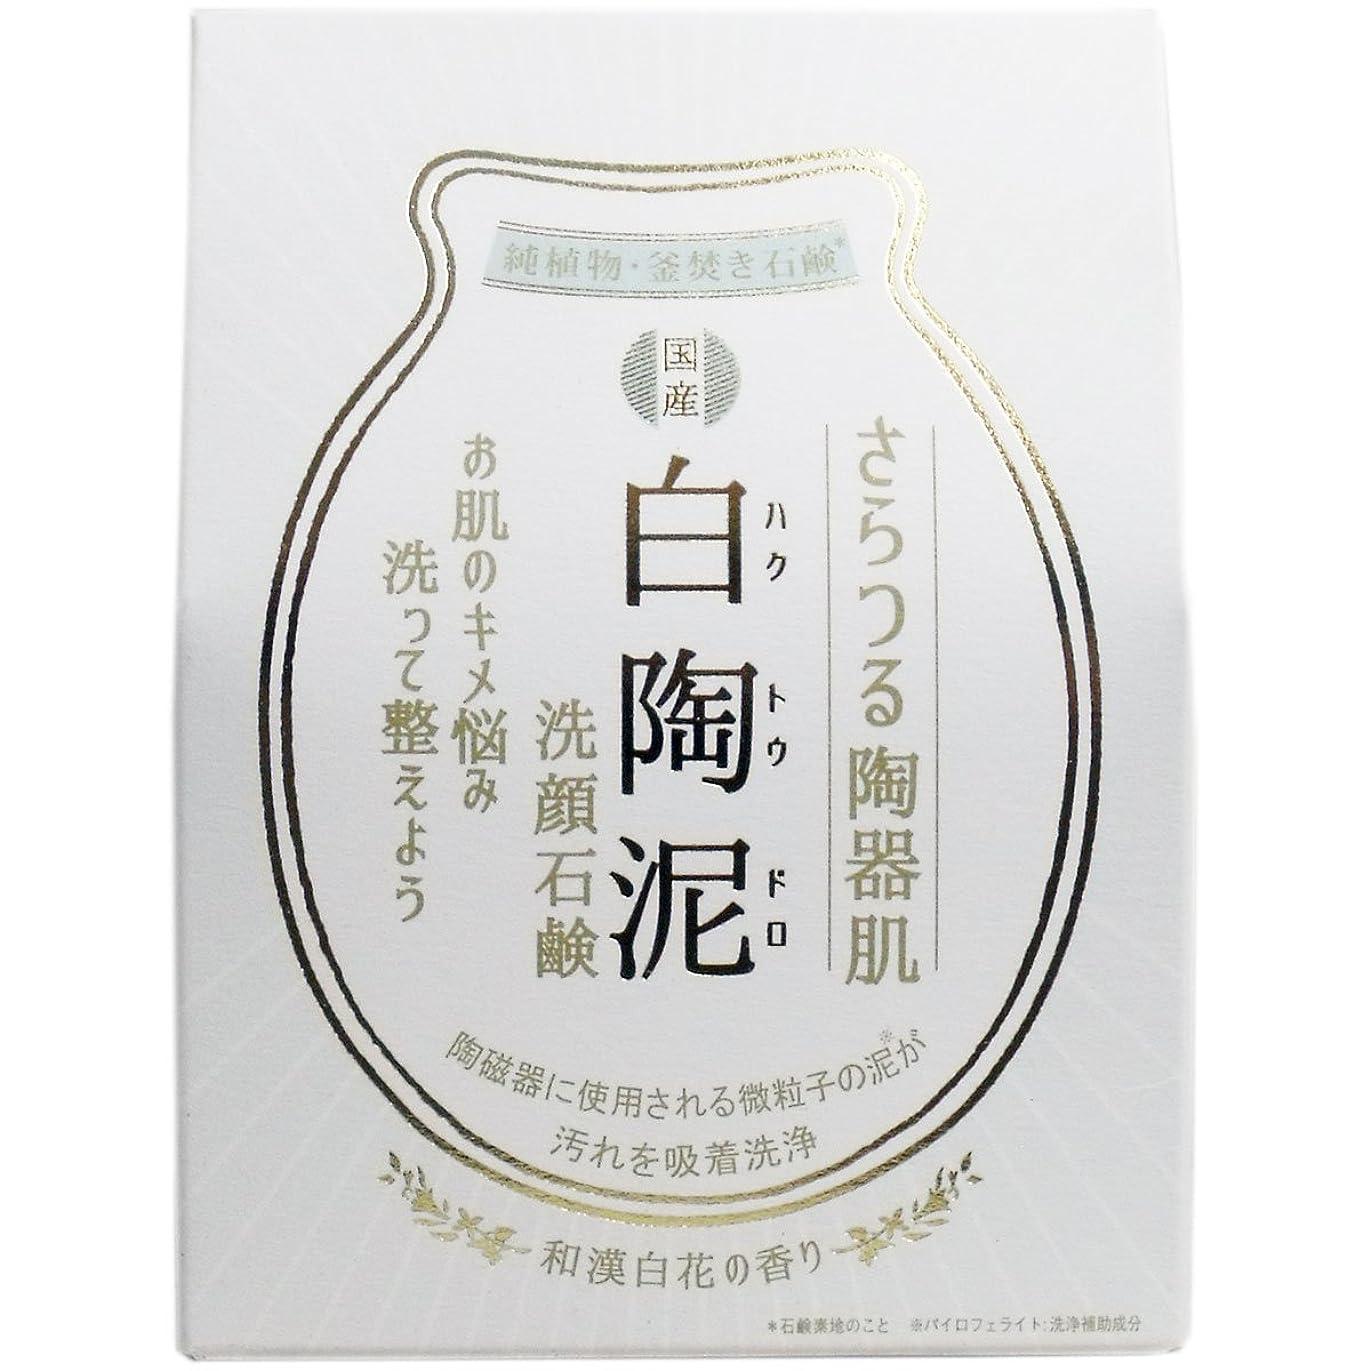 ハブブビームライバル白陶泥洗顔石鹸 100g×5個セット